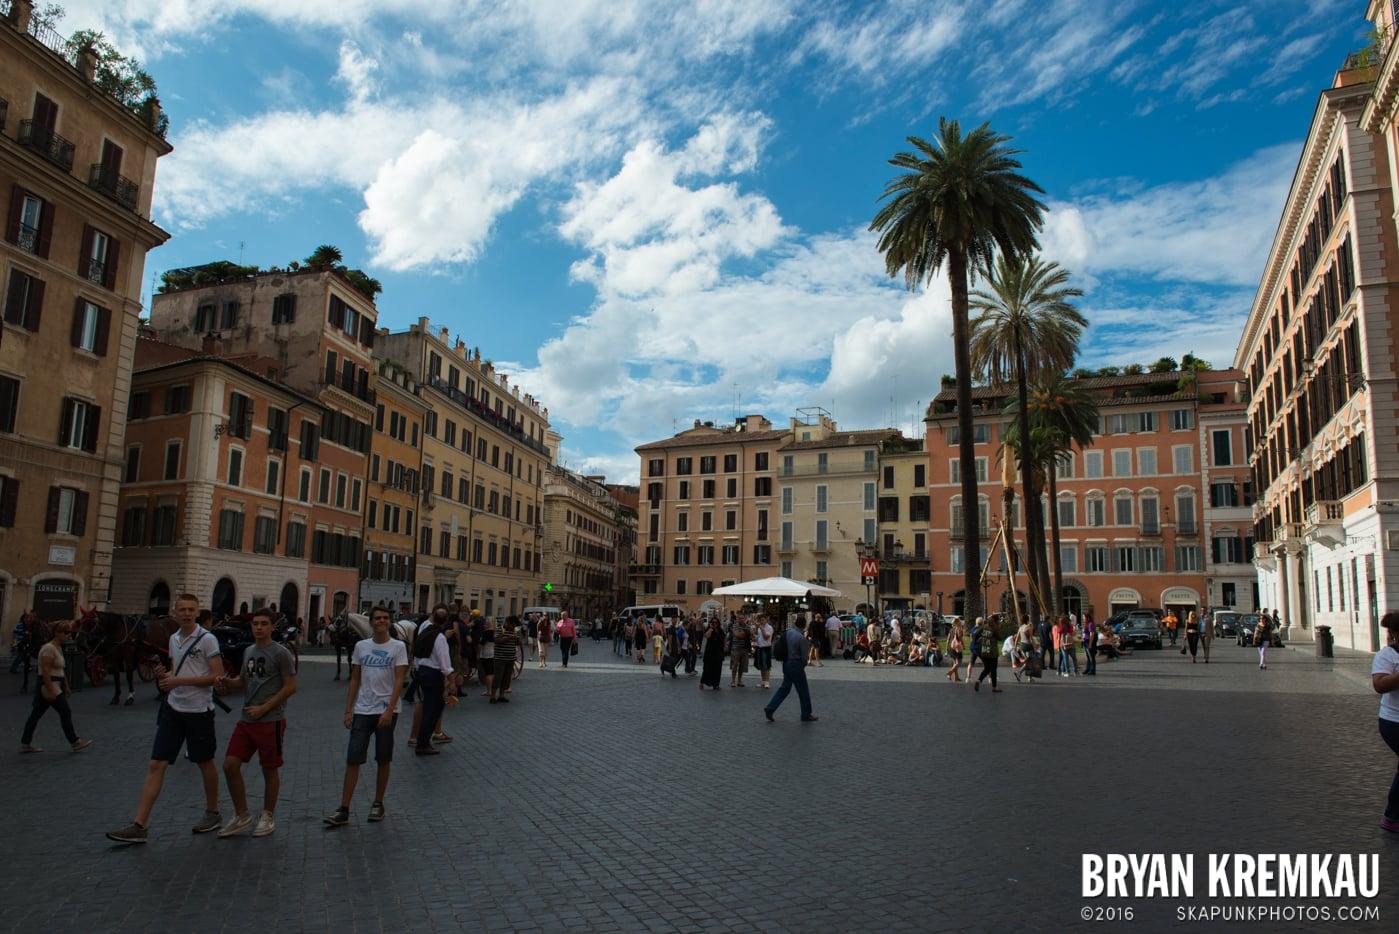 Italy Vacation - Day 3: Rome - 9.11.13 (19)